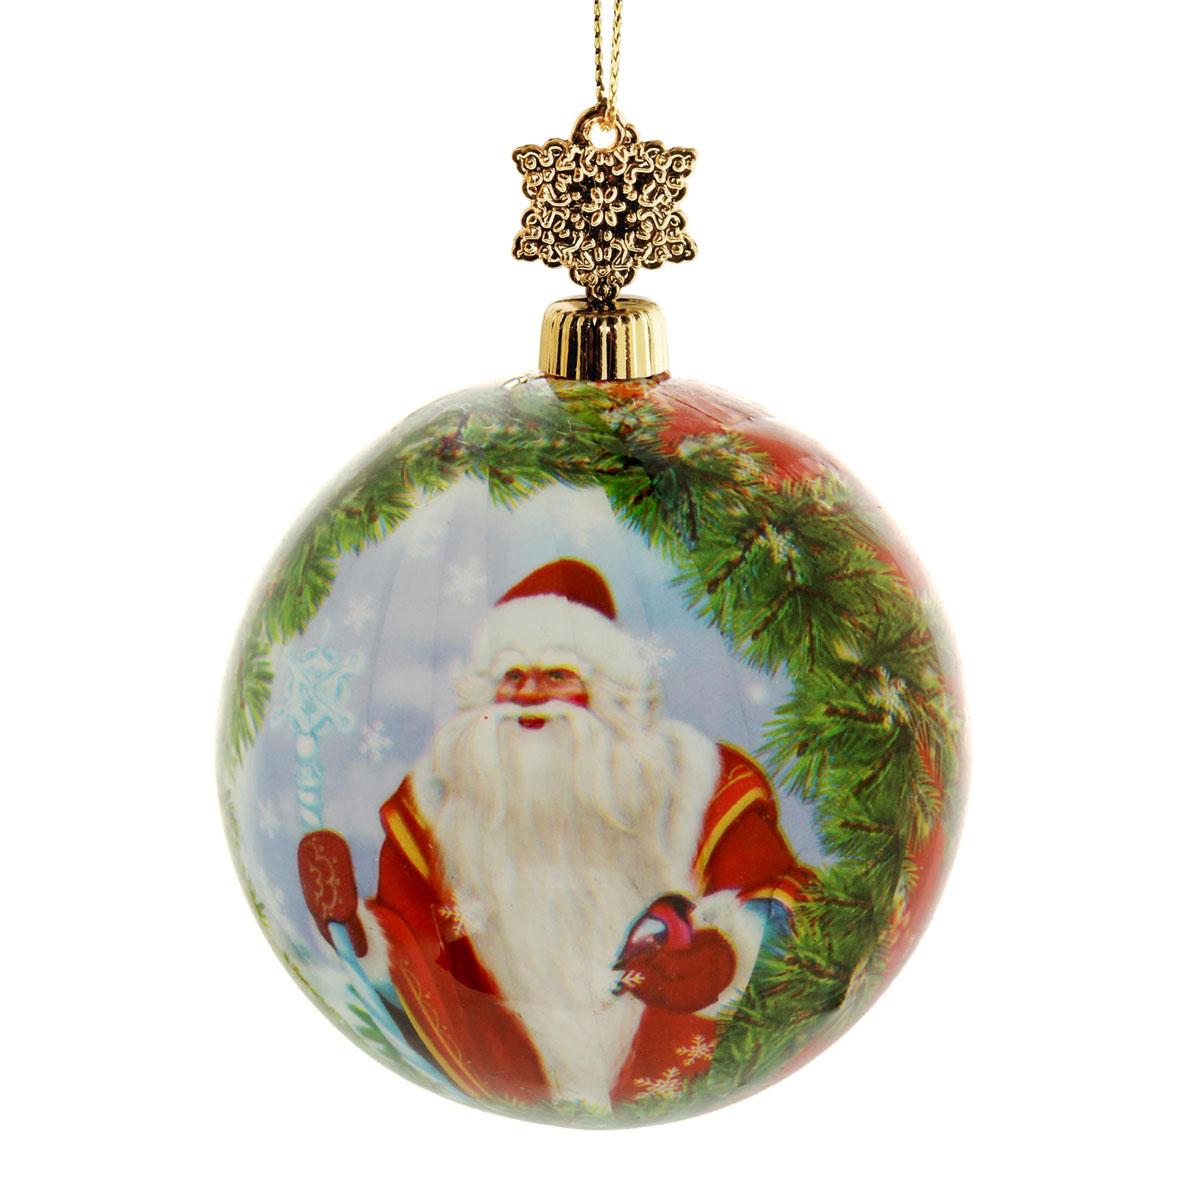 Новогоднее подвесное украшение Sima-land Шар Дед Мороз, диаметр 8 см. 279334279334Новогоднее подвесное украшение Sima-land выполнено из высококачественного пенопласта в форме шара и покрыто цветной пленкой. Шар декорирован изображением Деда Мороза и пожеланиями. С помощью специальной петельки украшение можно повесить в любом понравившемся вам месте. Но, конечно, удачнее всего такой набор будет смотреться на праздничной елке.Елочная игрушка - символ Нового года. Она несет в себе волшебство и красоту праздника. Создайте в своем доме атмосферу веселья и радости, украшая новогоднюю елку нарядными игрушками, которые будут из года в год накапливать теплоту воспоминаний. Материал: пенопласт, пленка, текстиль.